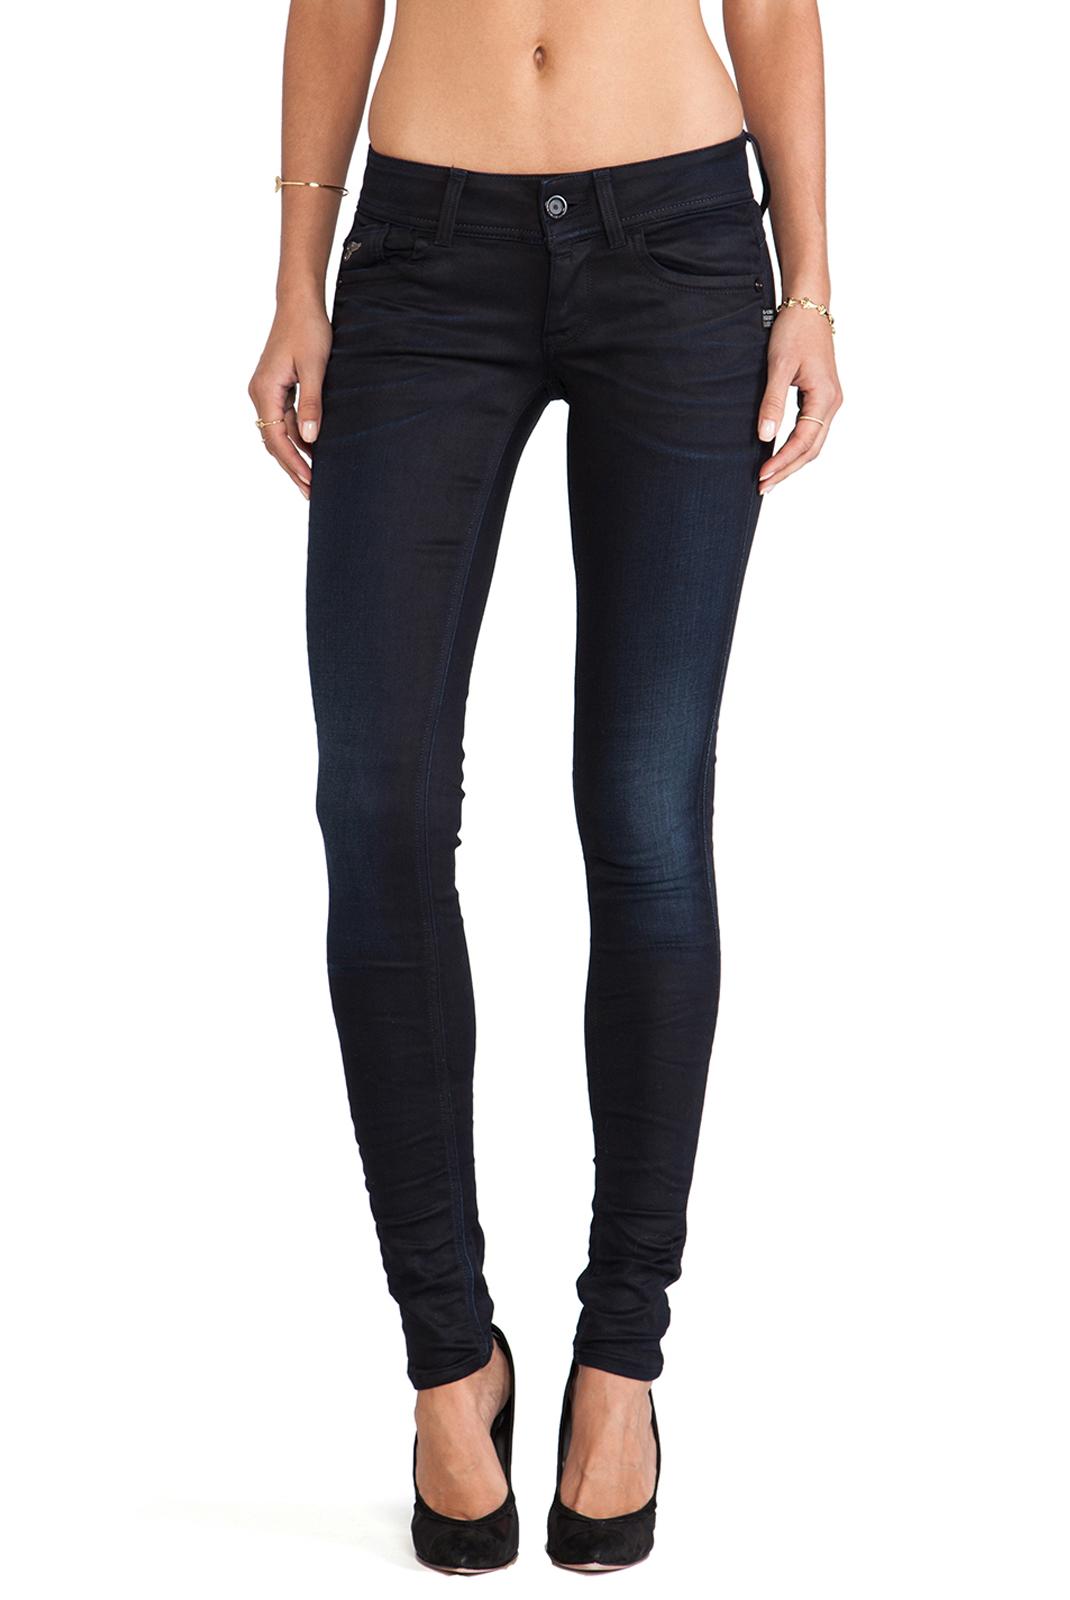 Jeans   G-star 60367.5245.89 BLEU